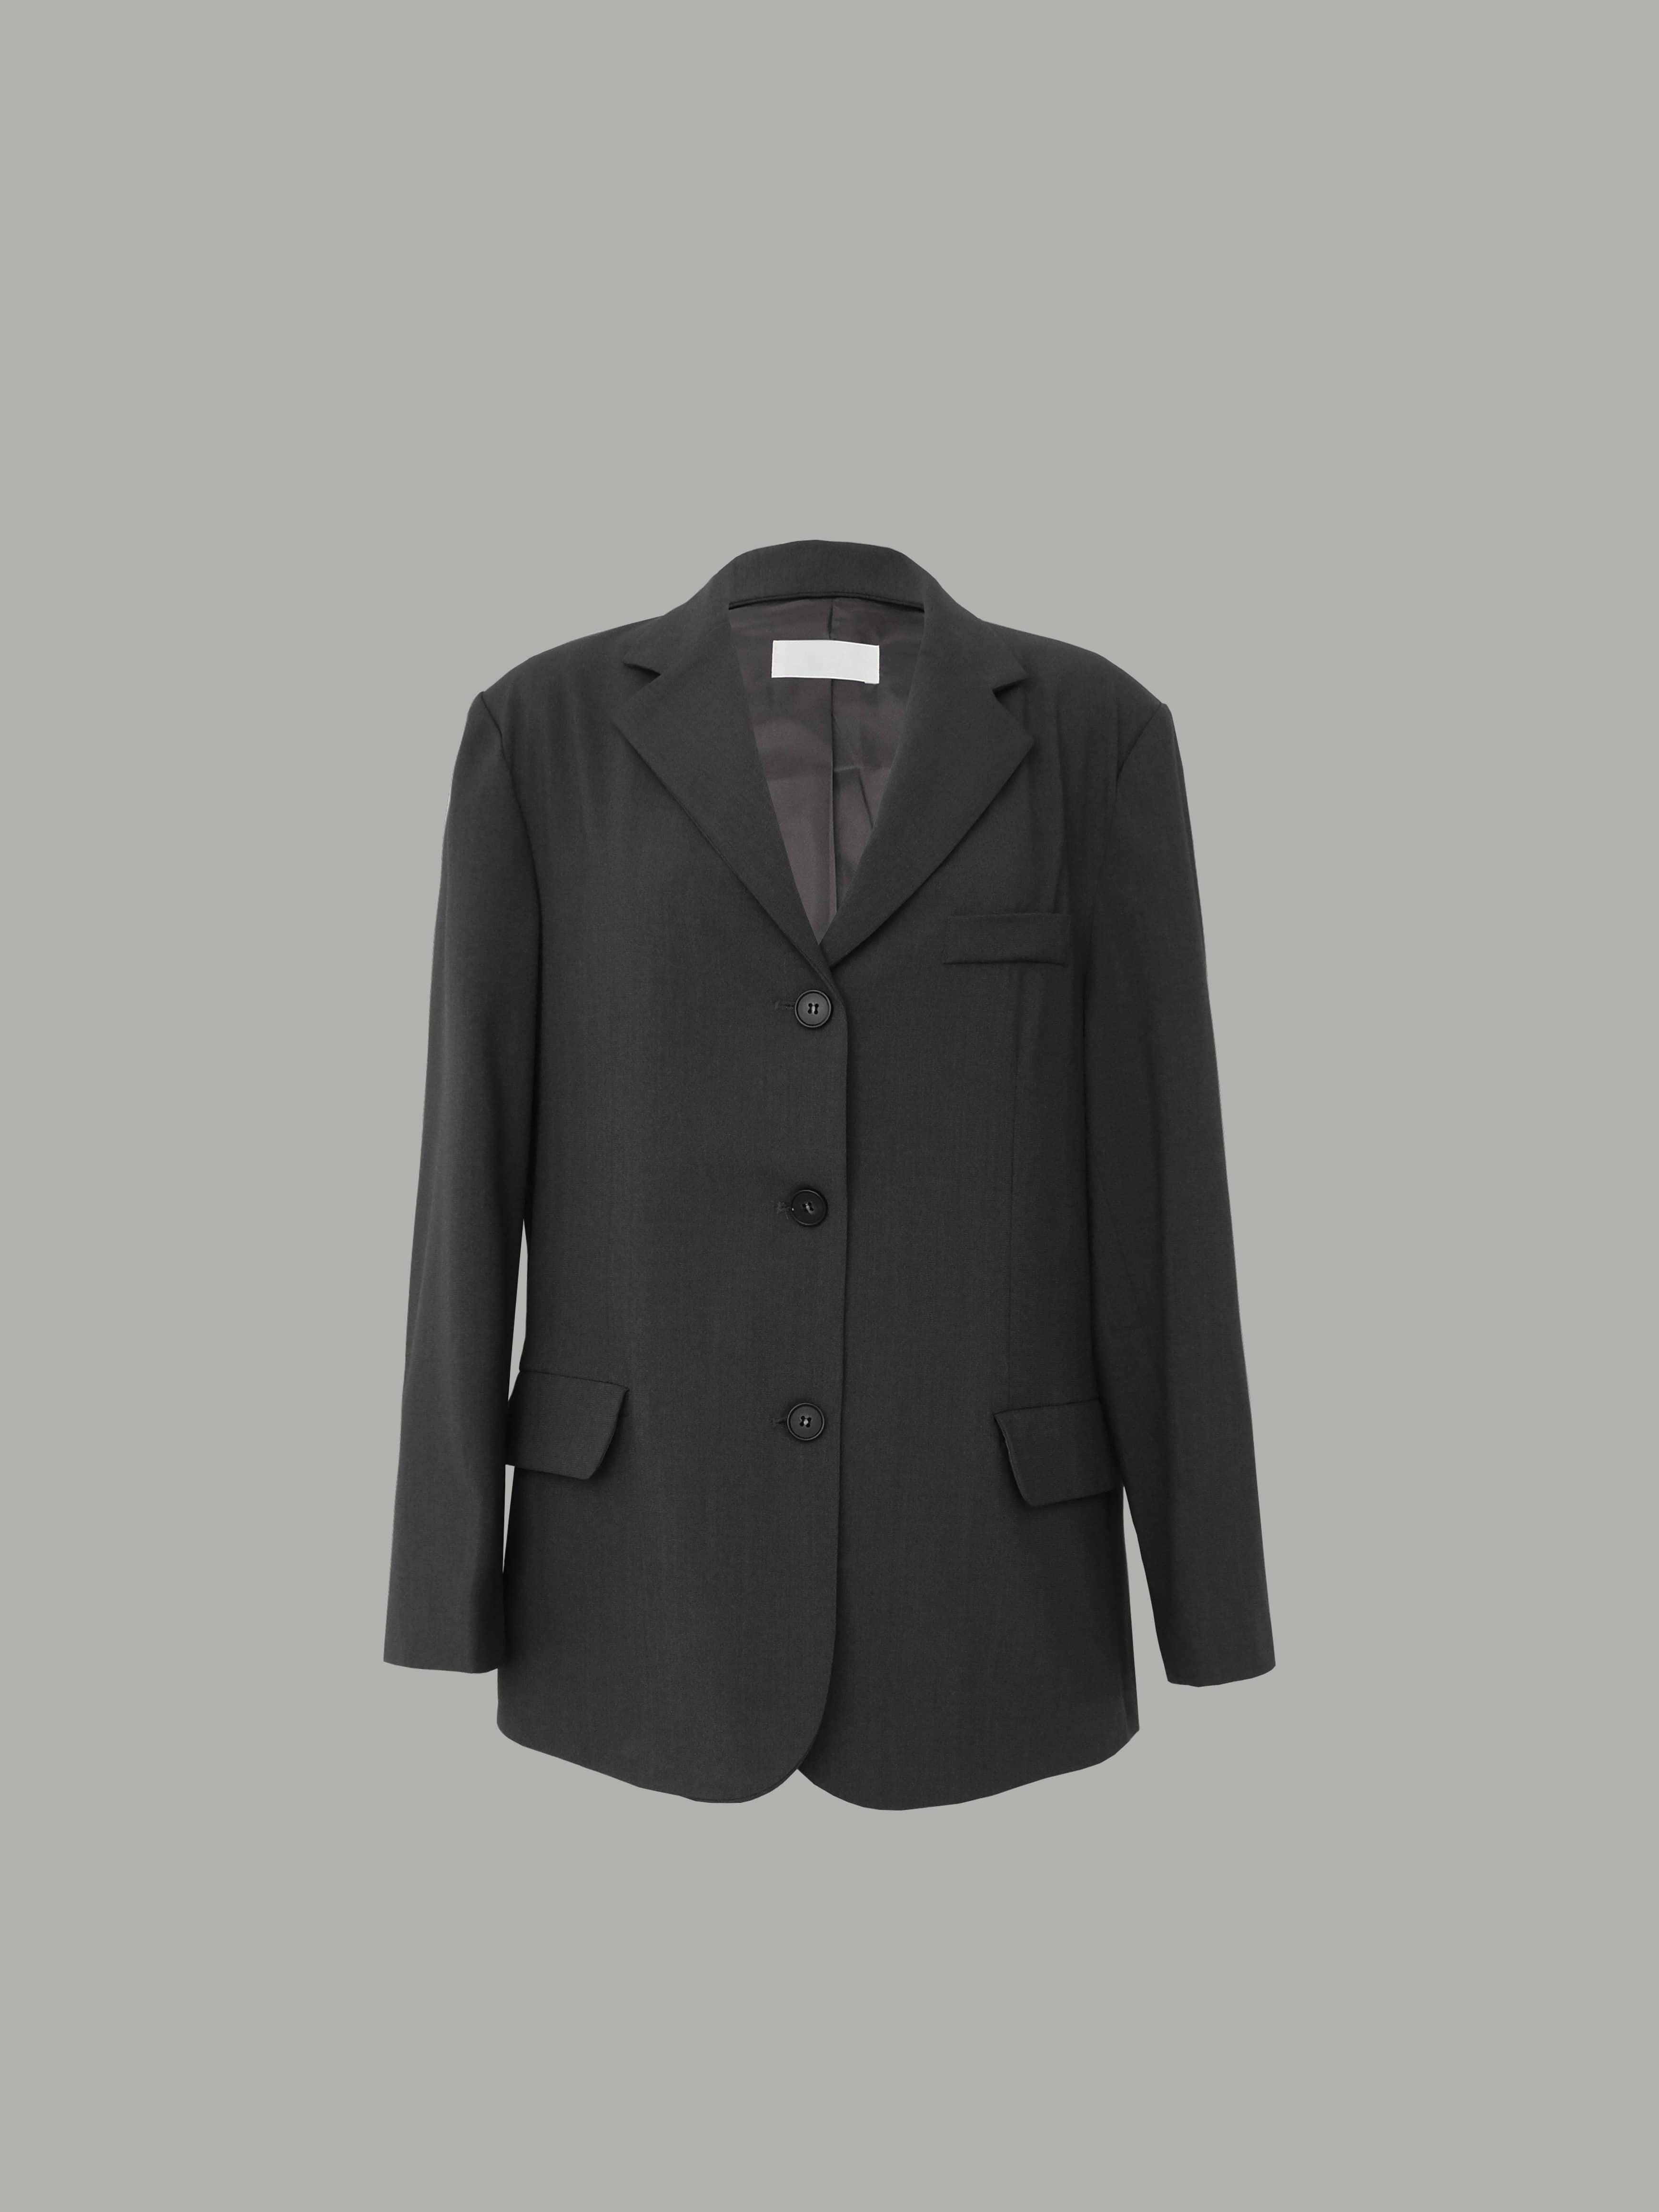 [RESTOCK] Flow jacket